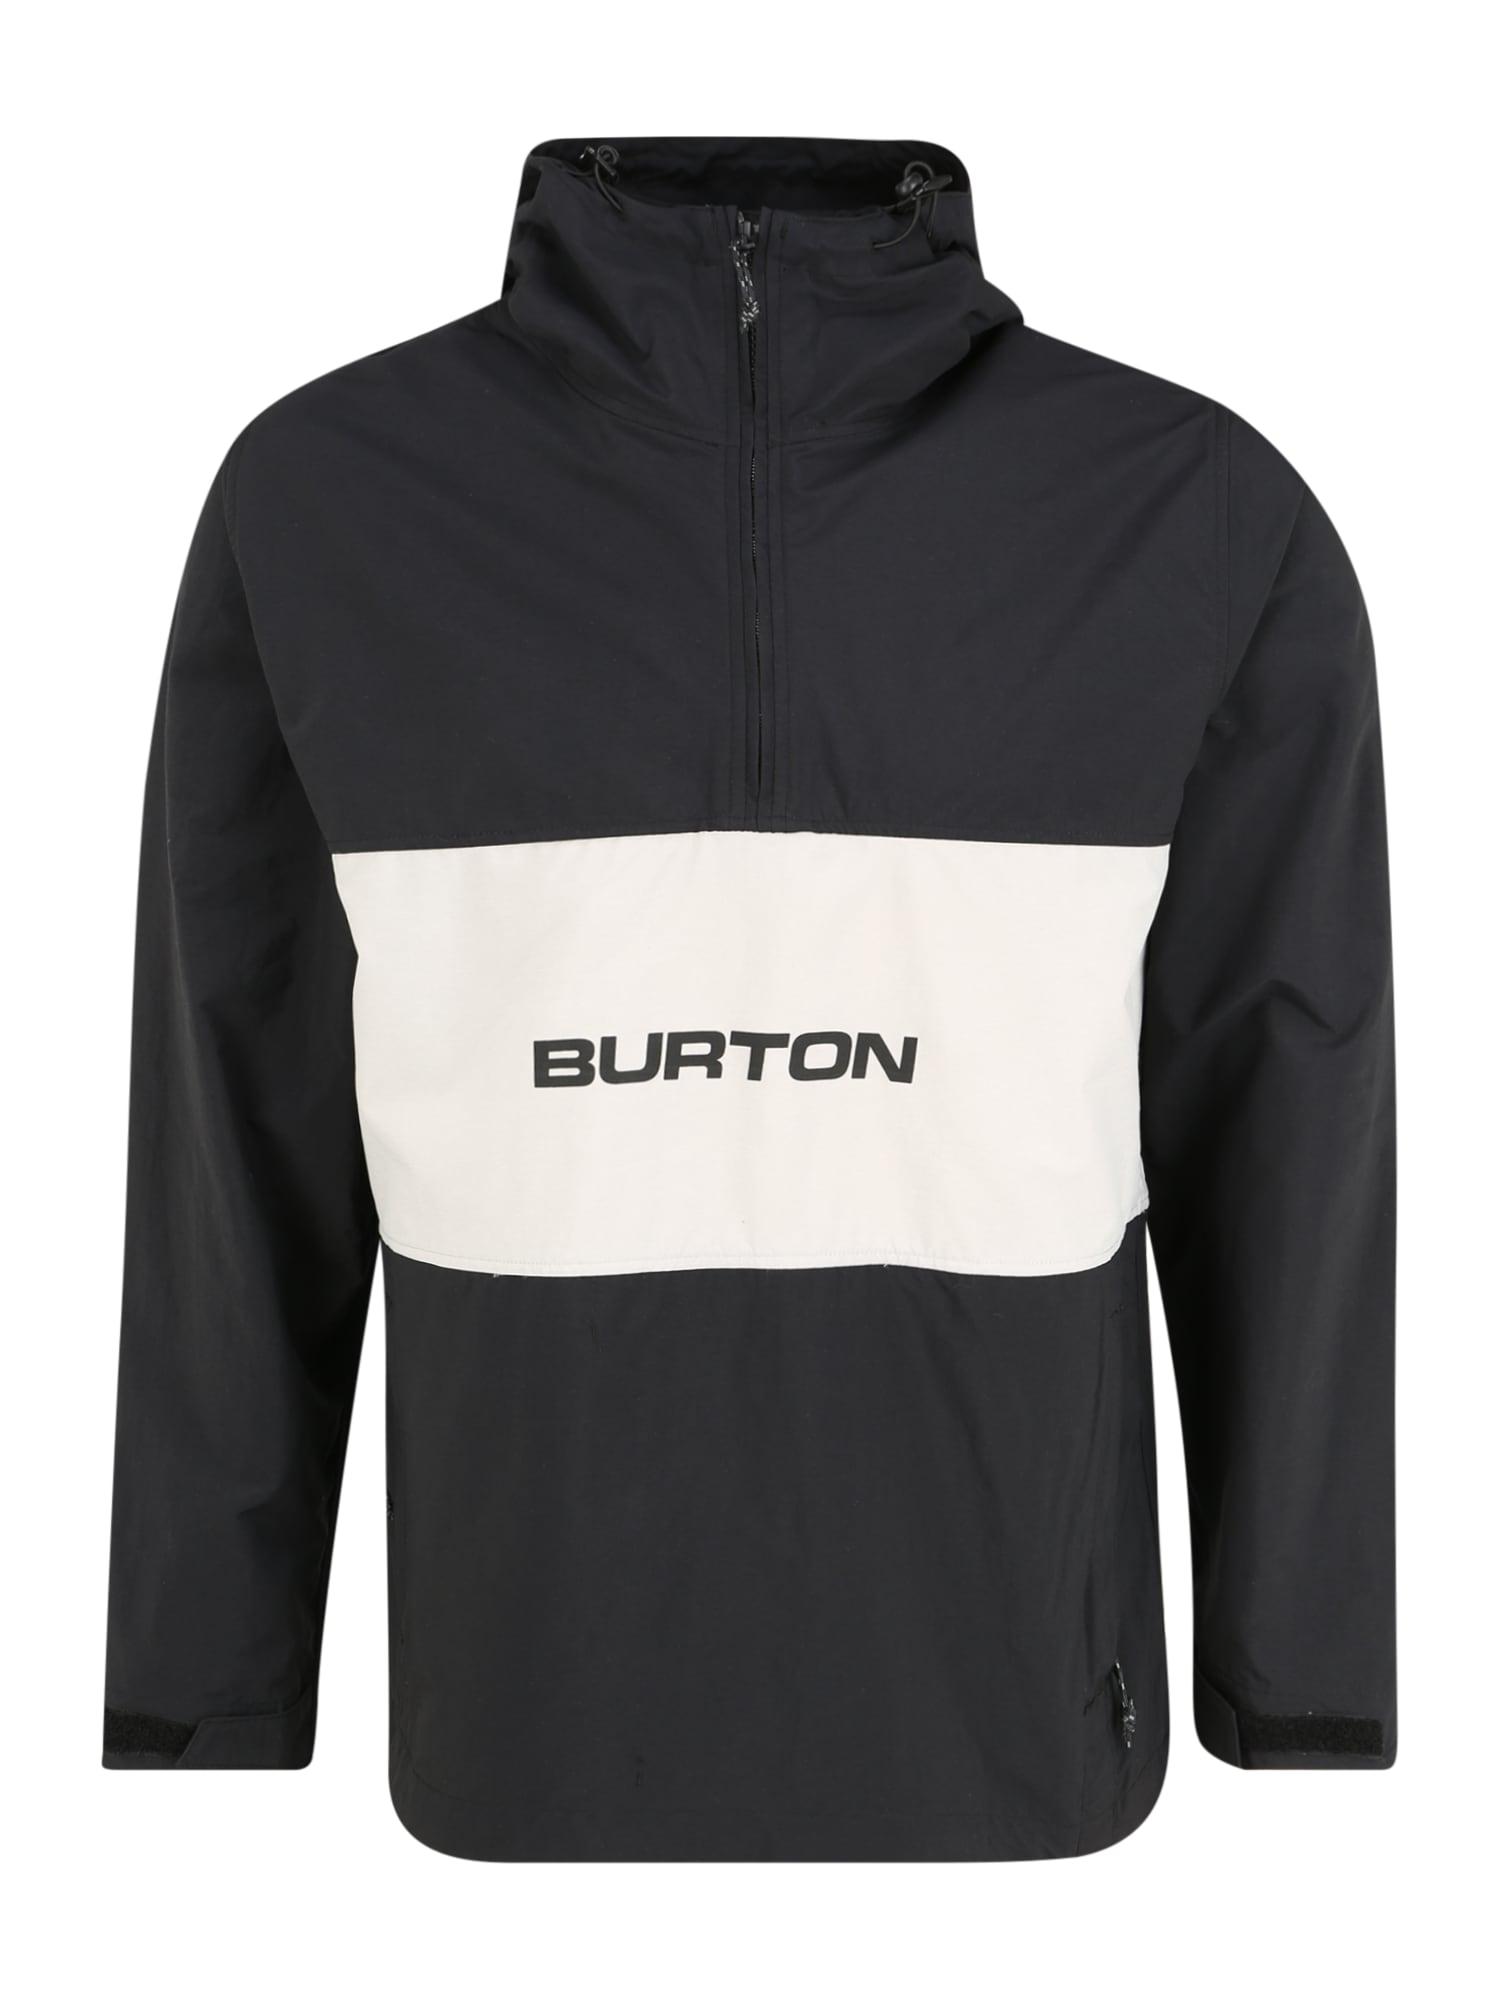 BURTON Sportinė striukė 'Men's Antiup Anorak Jacket' sidabro pilka / juoda